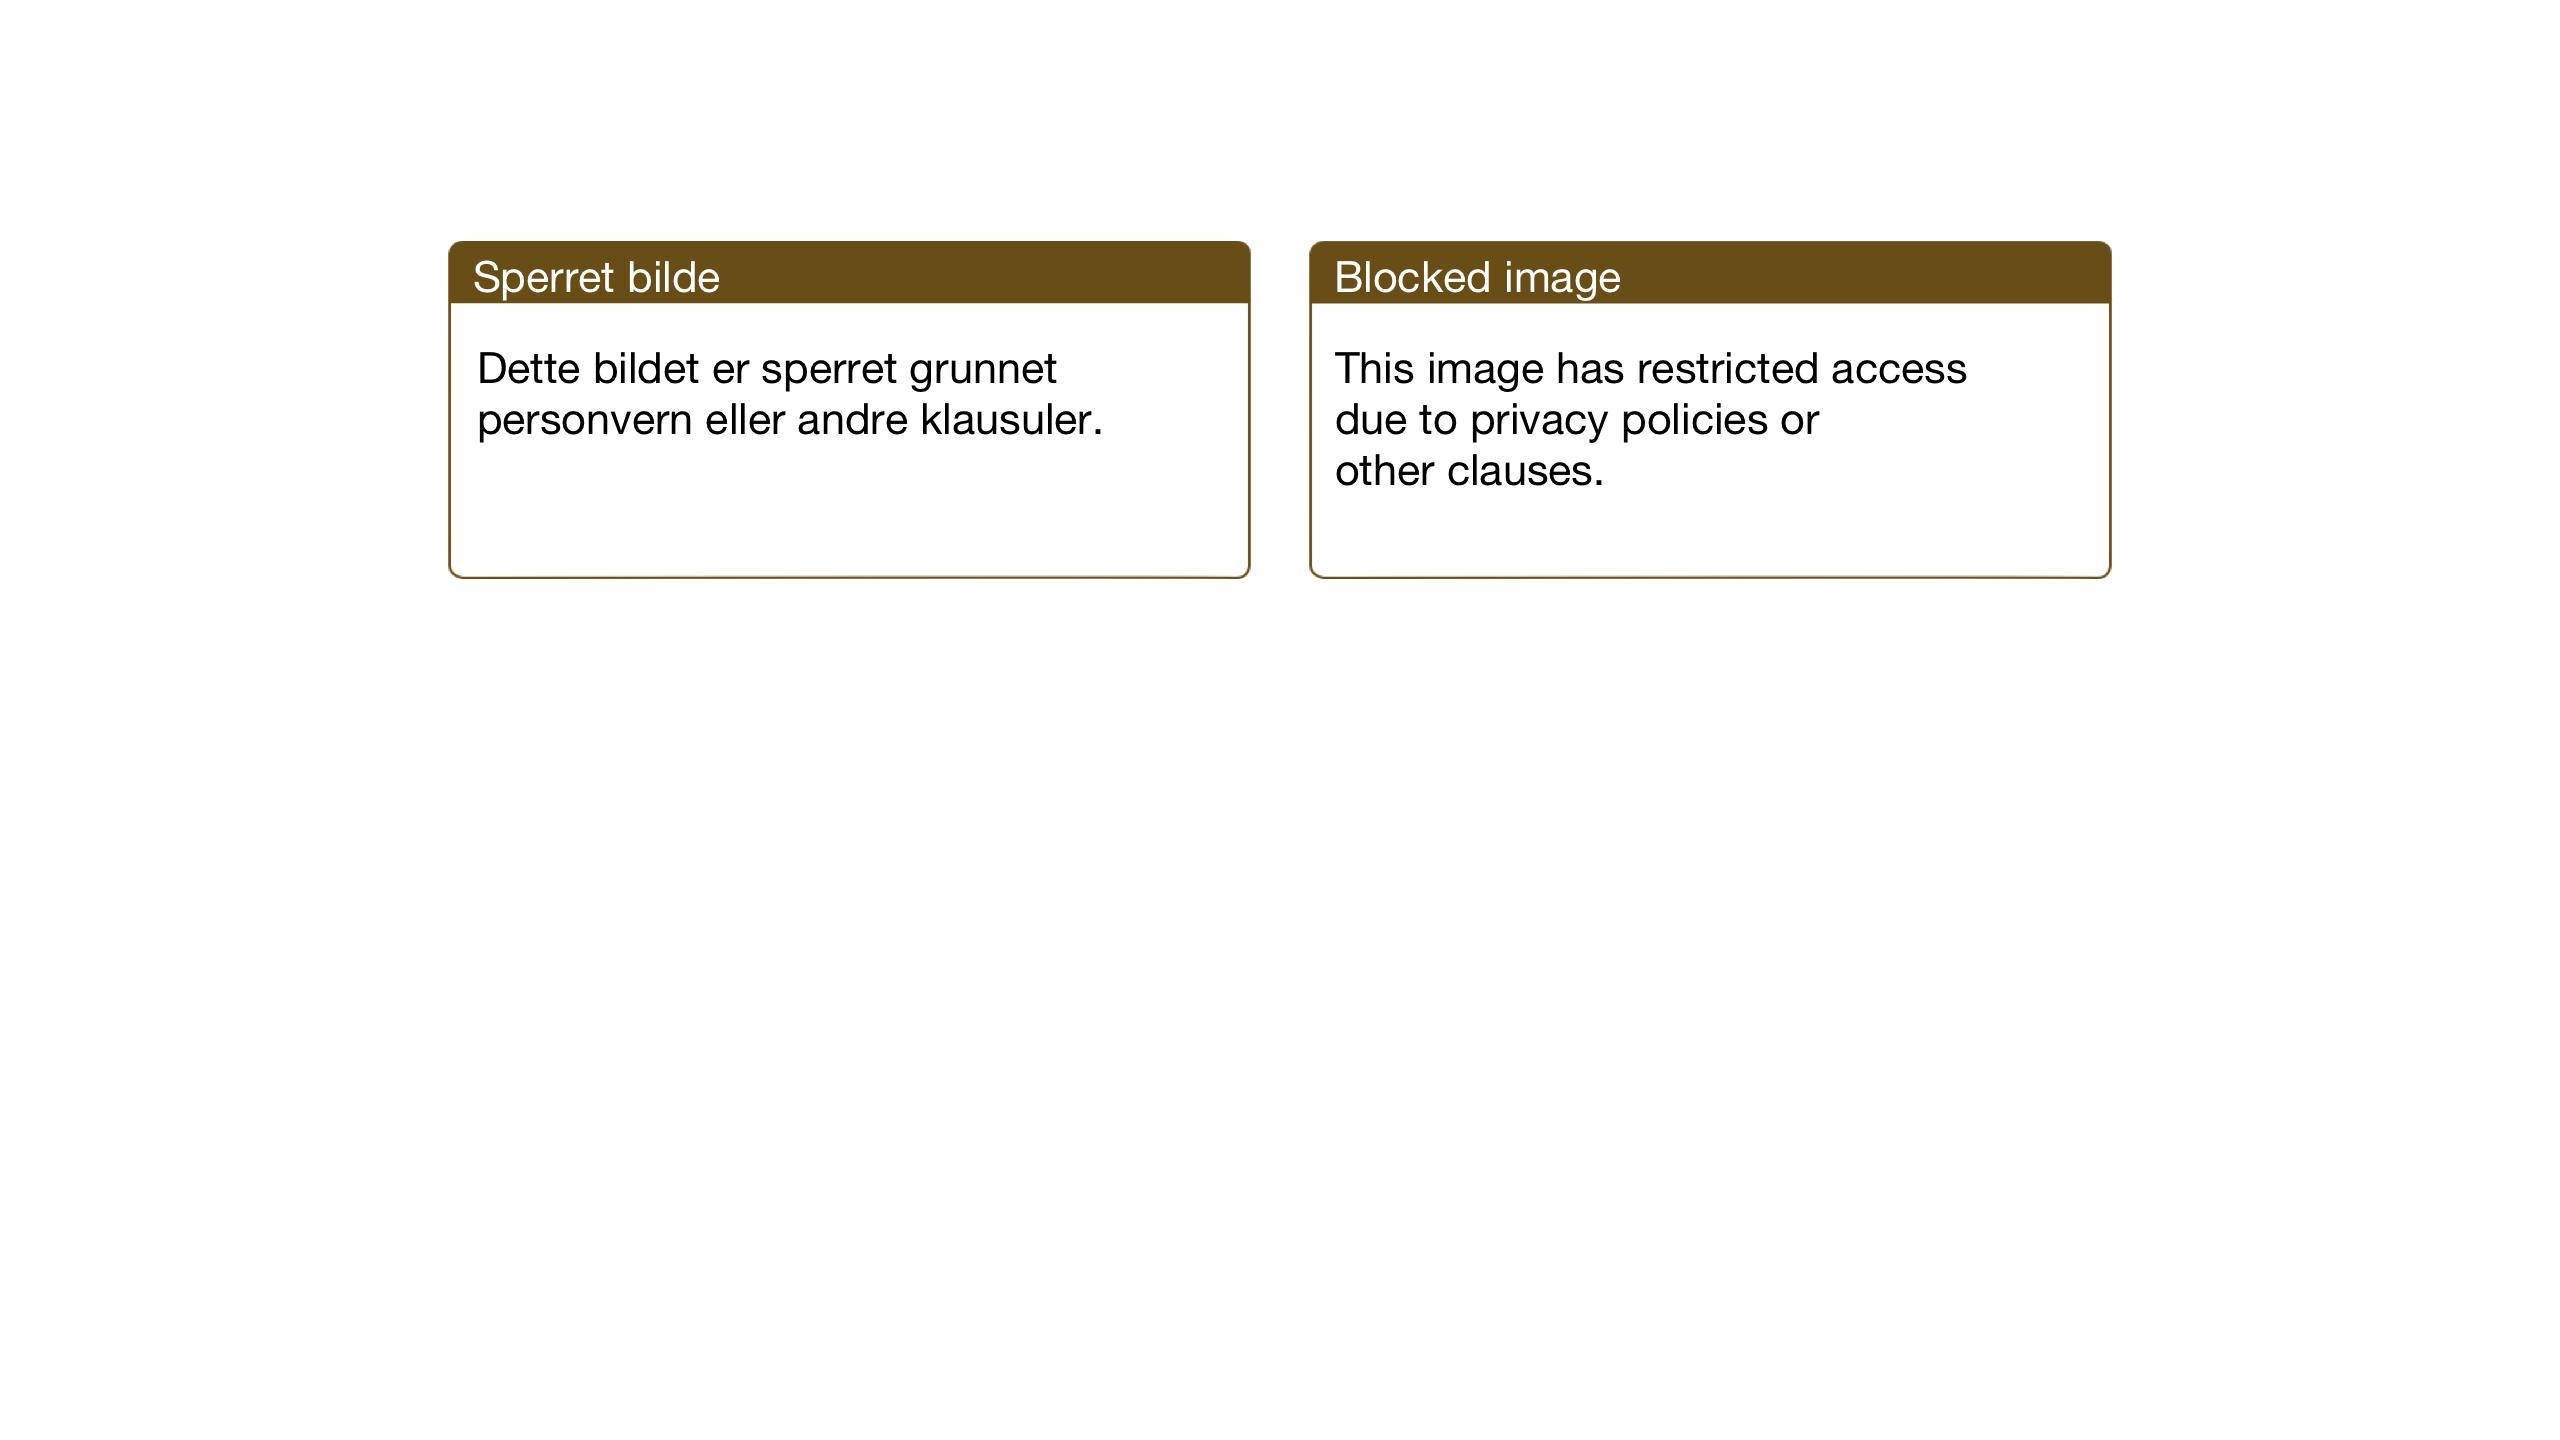 SAT, Ministerialprotokoller, klokkerbøker og fødselsregistre - Nord-Trøndelag, 755/L0500: Klokkerbok nr. 755C01, 1920-1962, s. 82